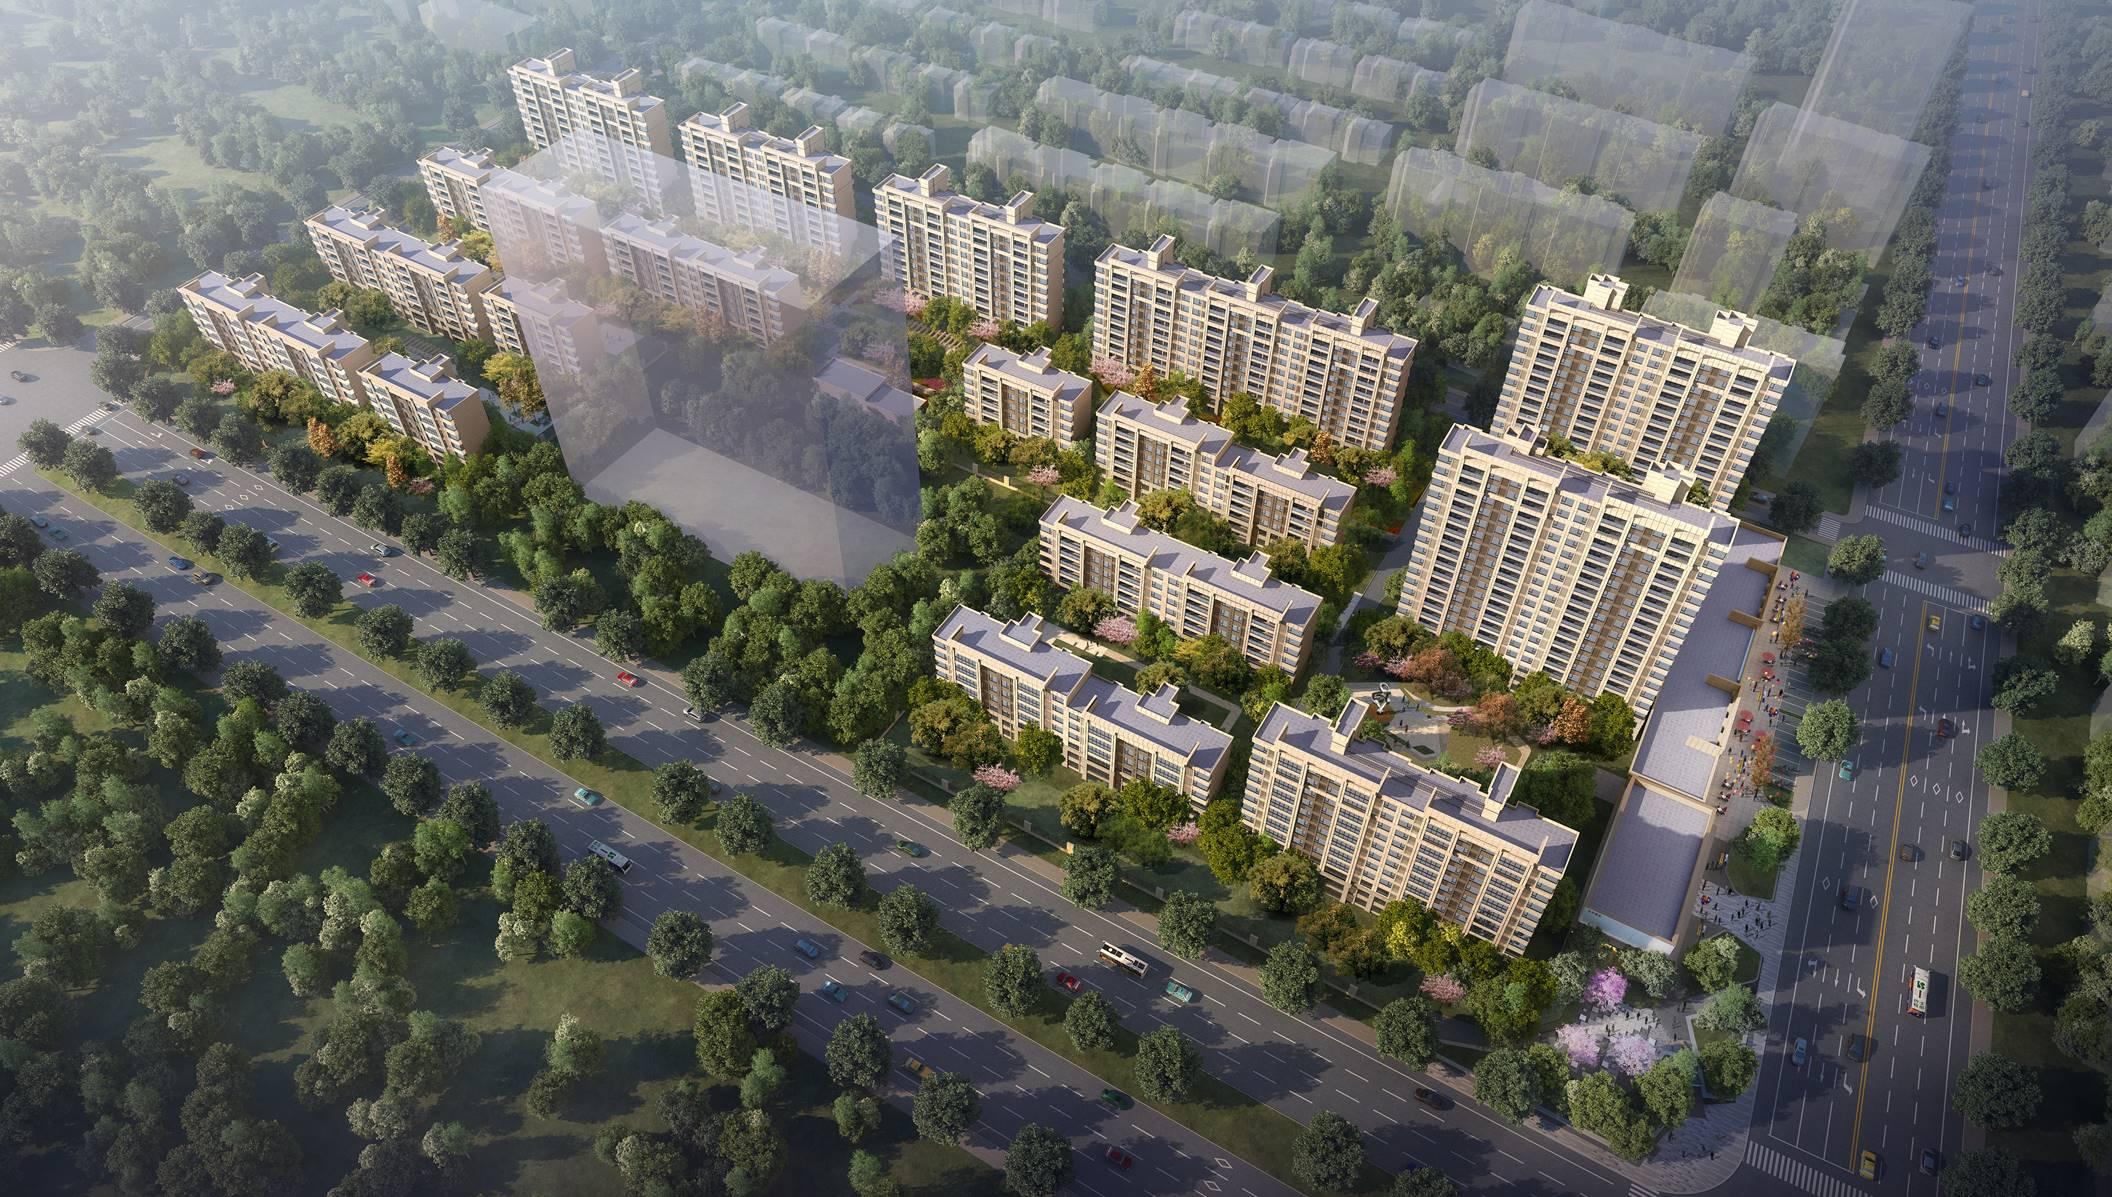 鹏鹞大厦北侧地块规划方案批前公示